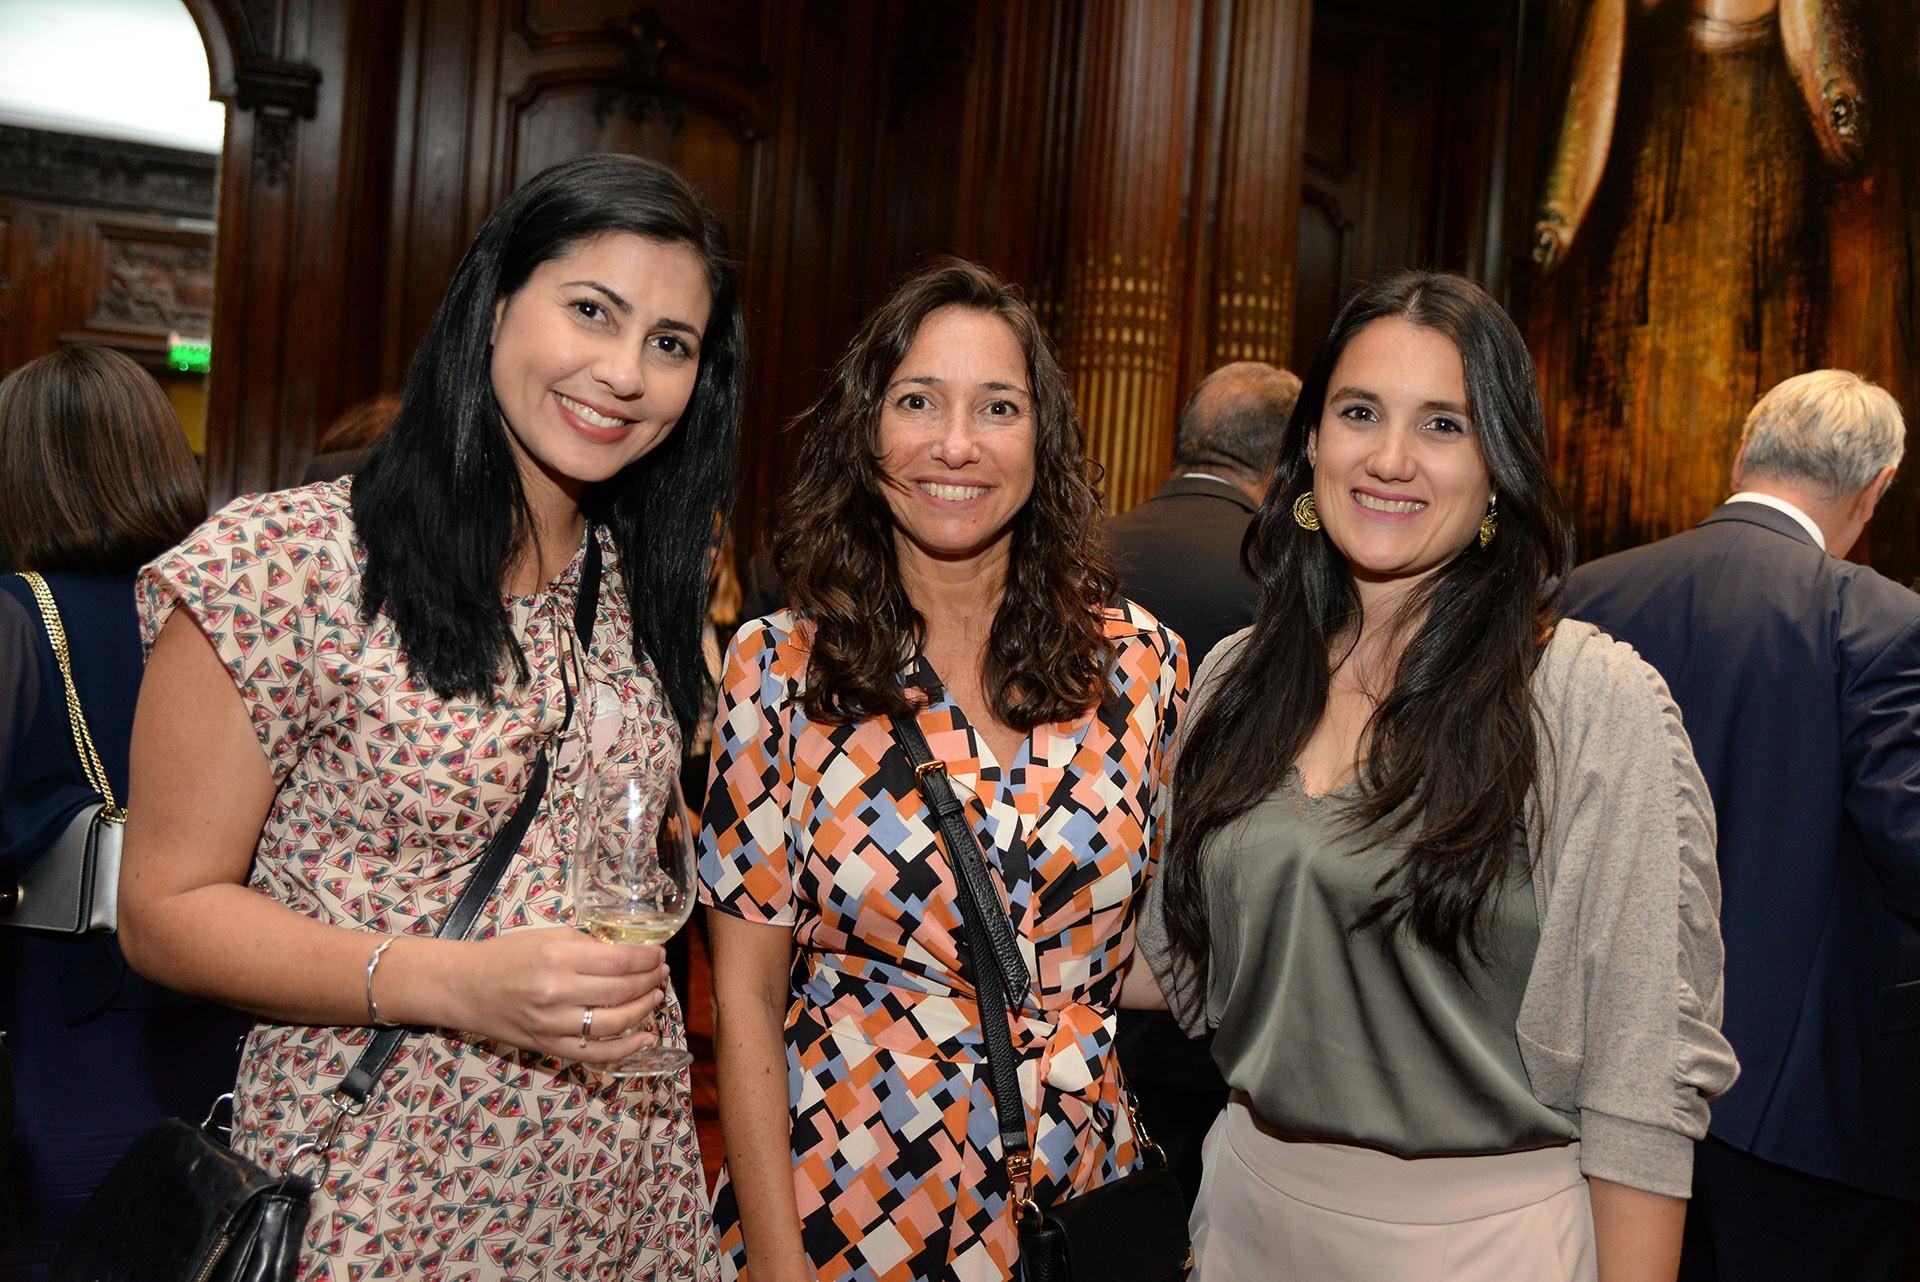 Amital Perry, agregada de diplomacia pública y portavoz de la embajada de Israel; Pamela Malewicz, subsecretaria de Derechos Humanos del Gobierno de la Ciudad de Buenos Aires; y Mercedes Bárbara, directora de Colectividades